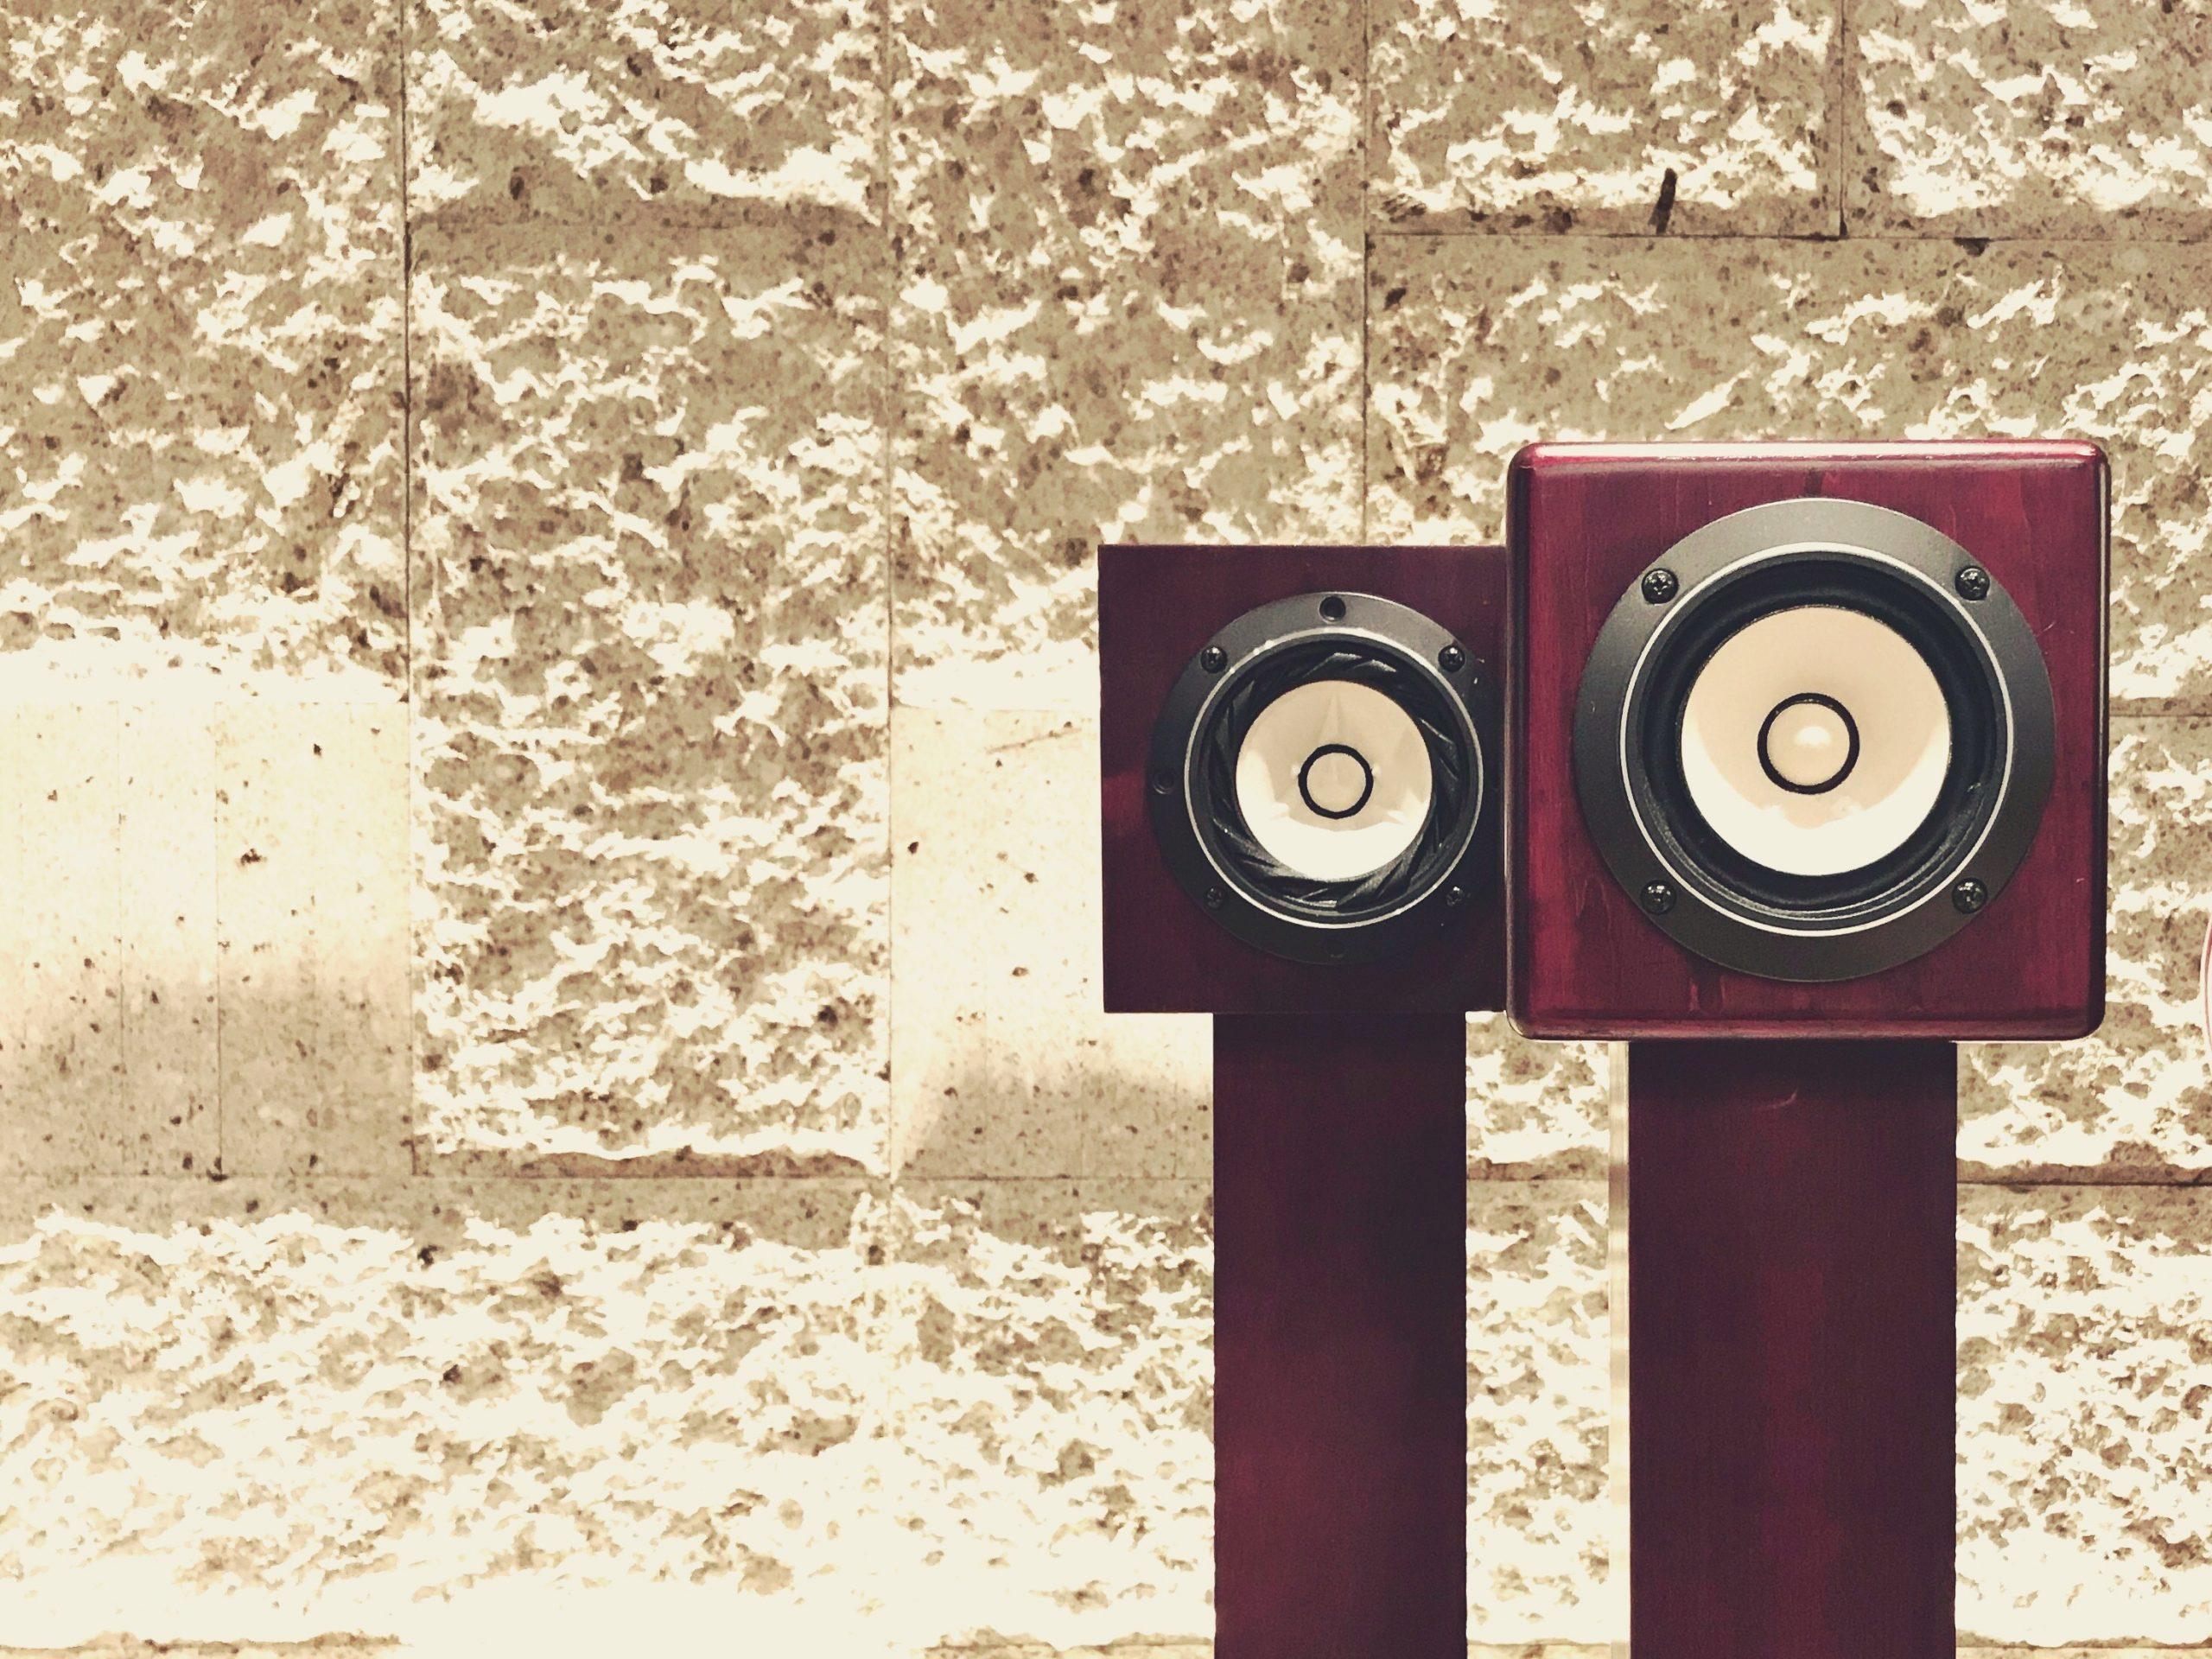 FE108NS 他「今、聴けるモデル」〜聴かずに選ぶ?聞かずに選ぶ?